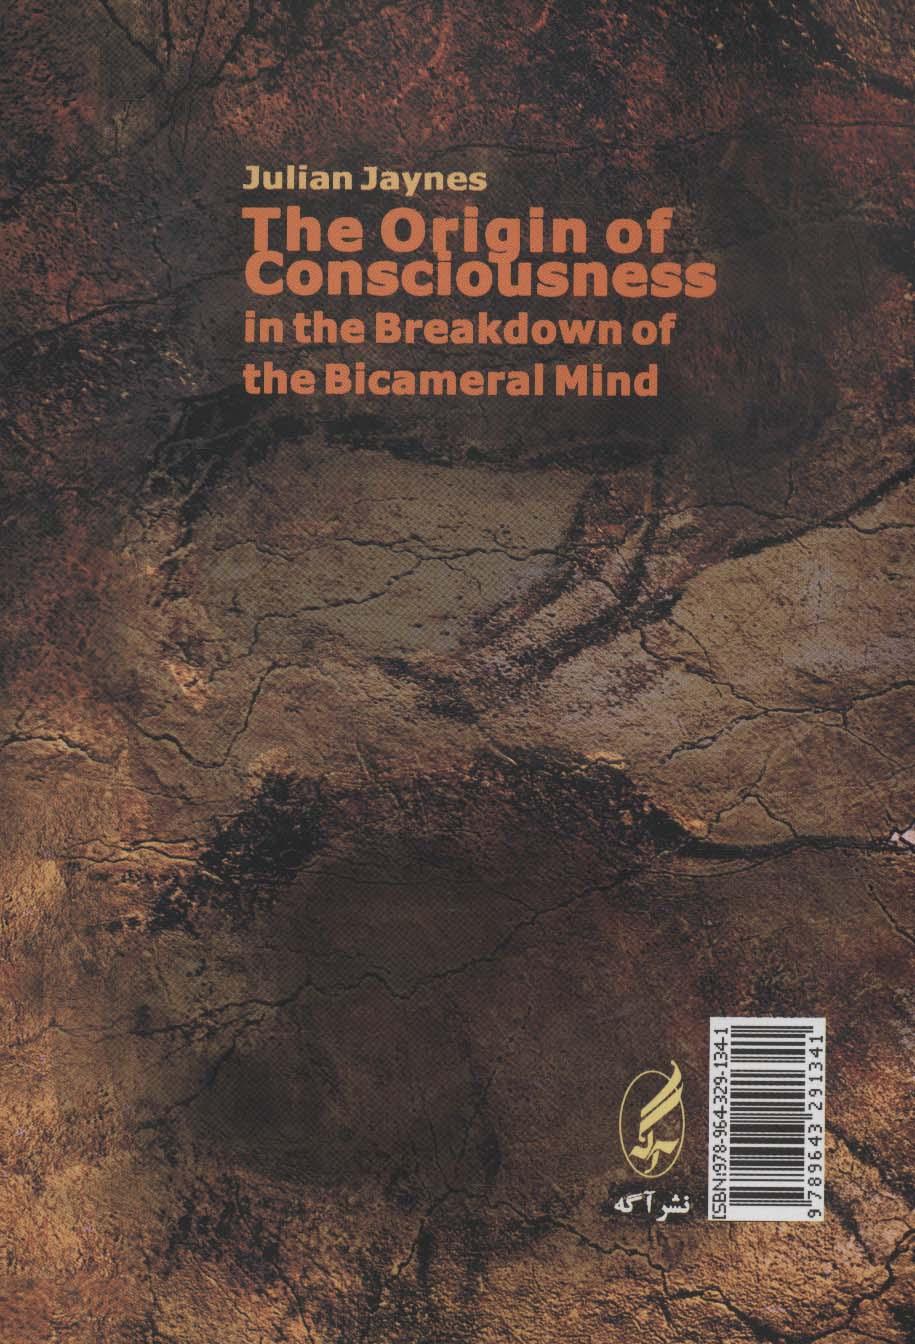 خاستگاه آگاهی در فروپاشی ذهن دو جایگاهی (کتاب یکم،دوم و سوم)